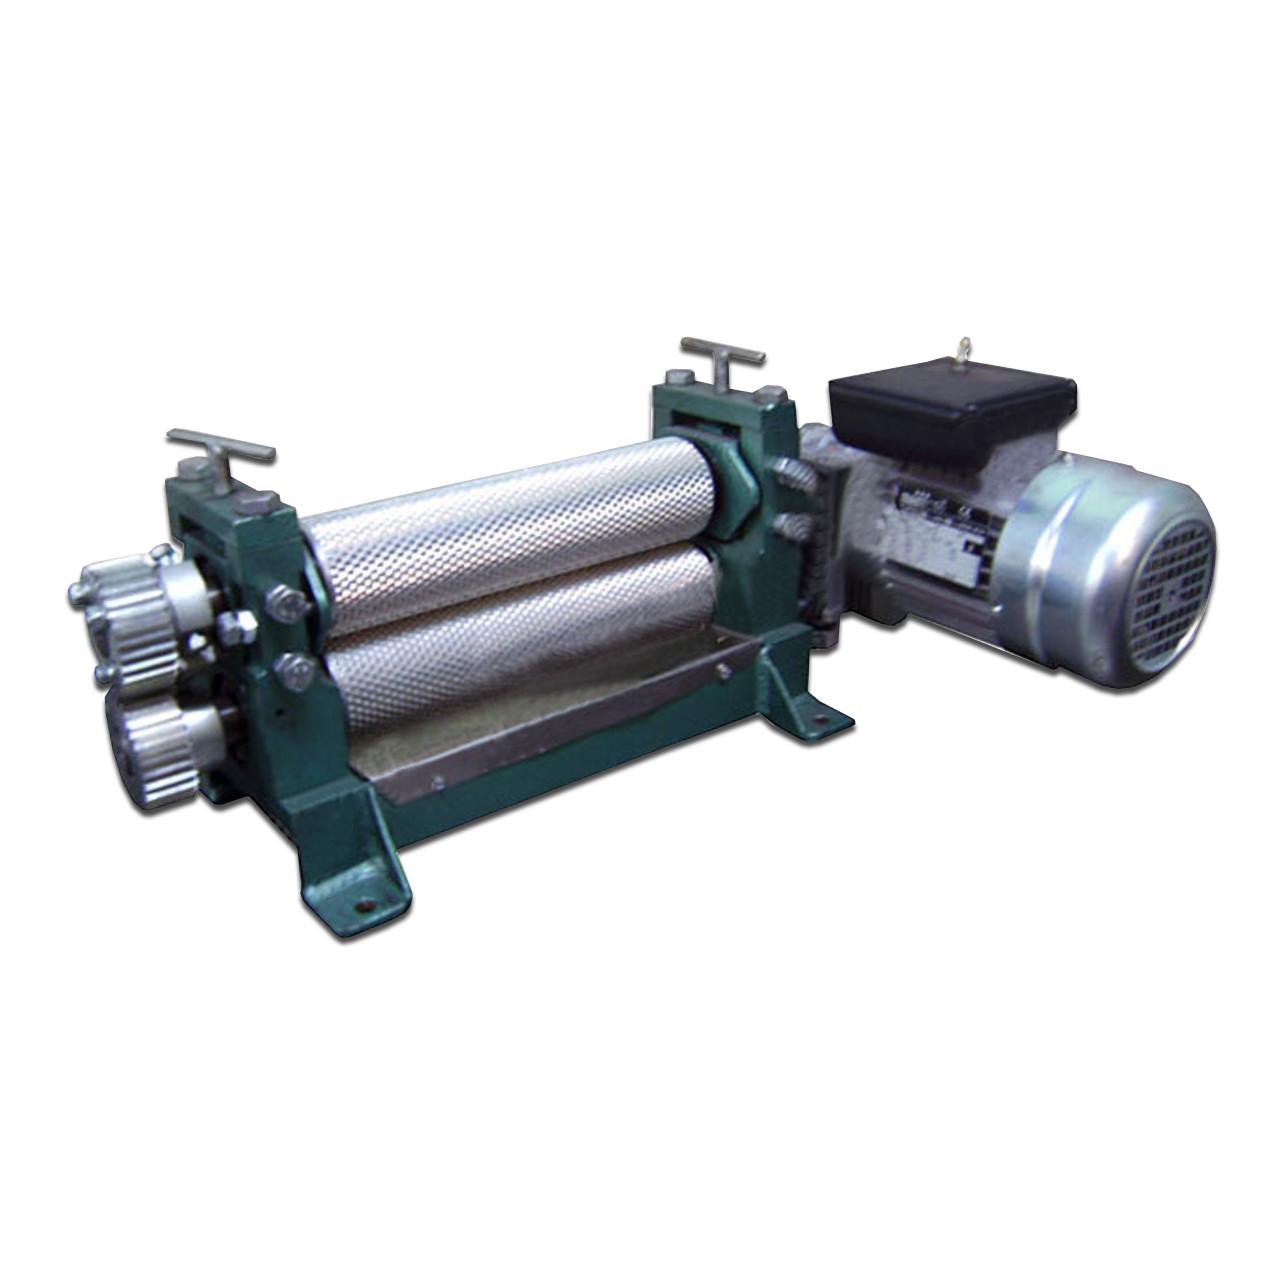 Вальцы гравированные с двигателем 70,5 мм